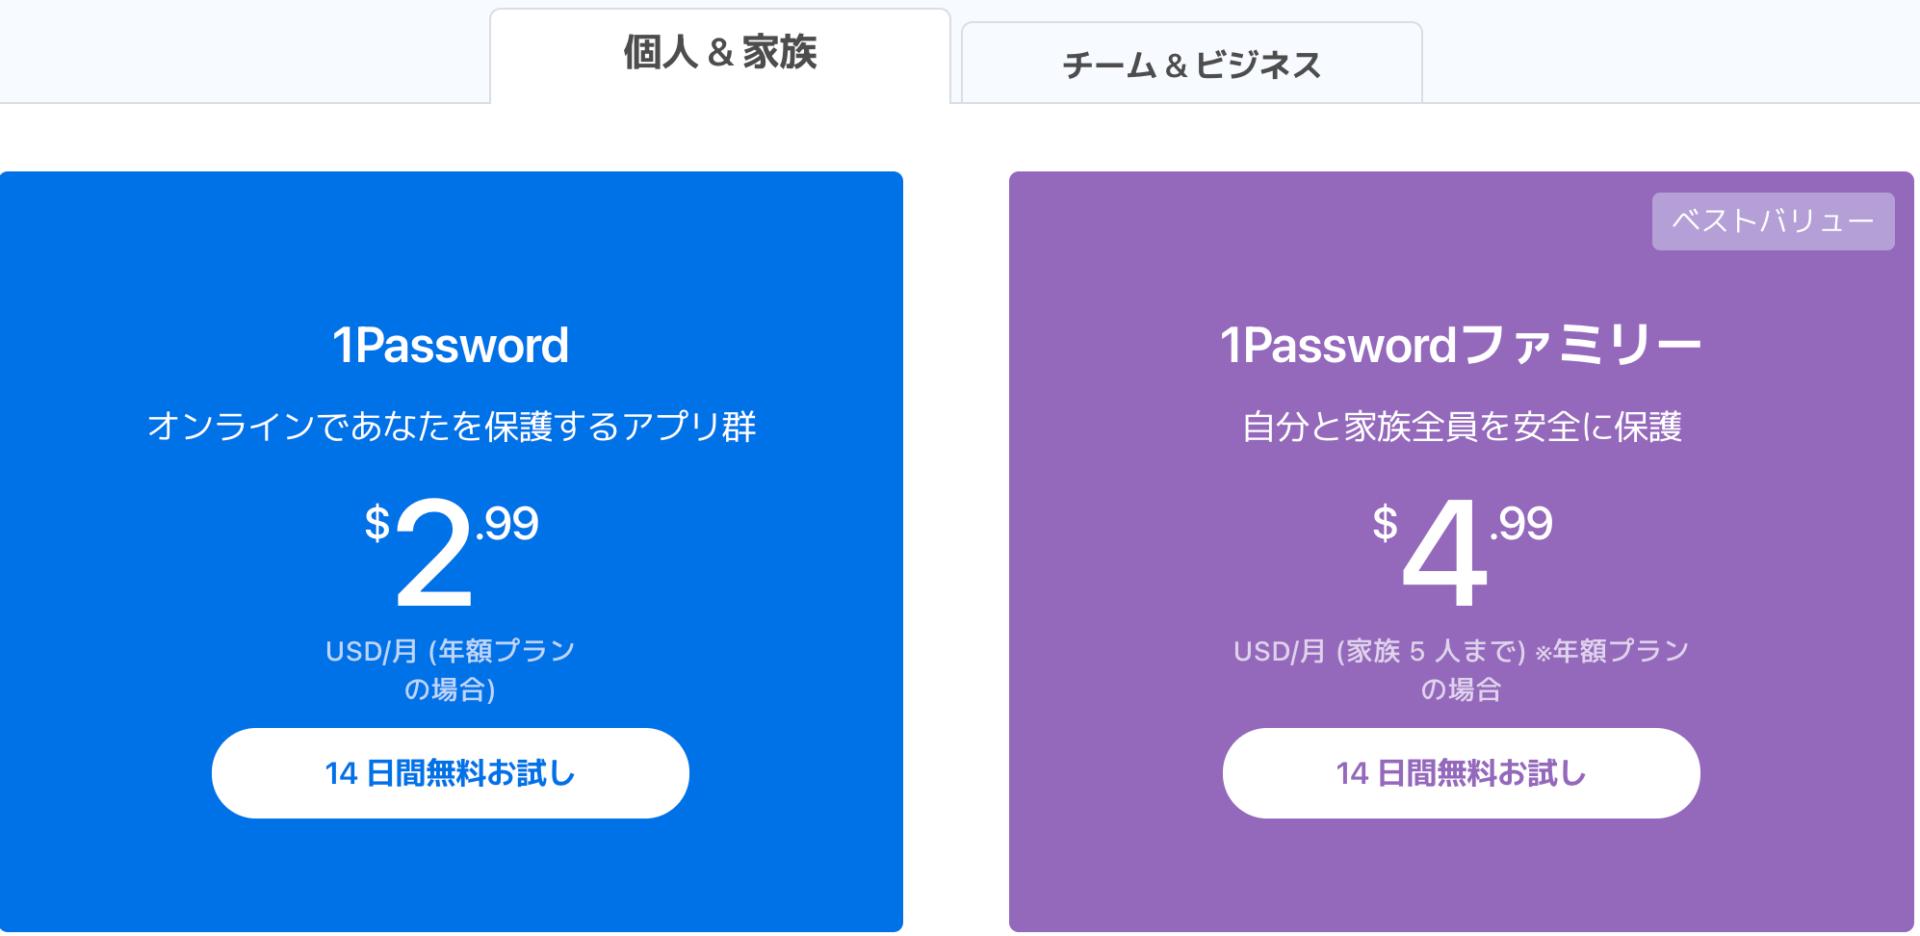 ワンパスワード価格